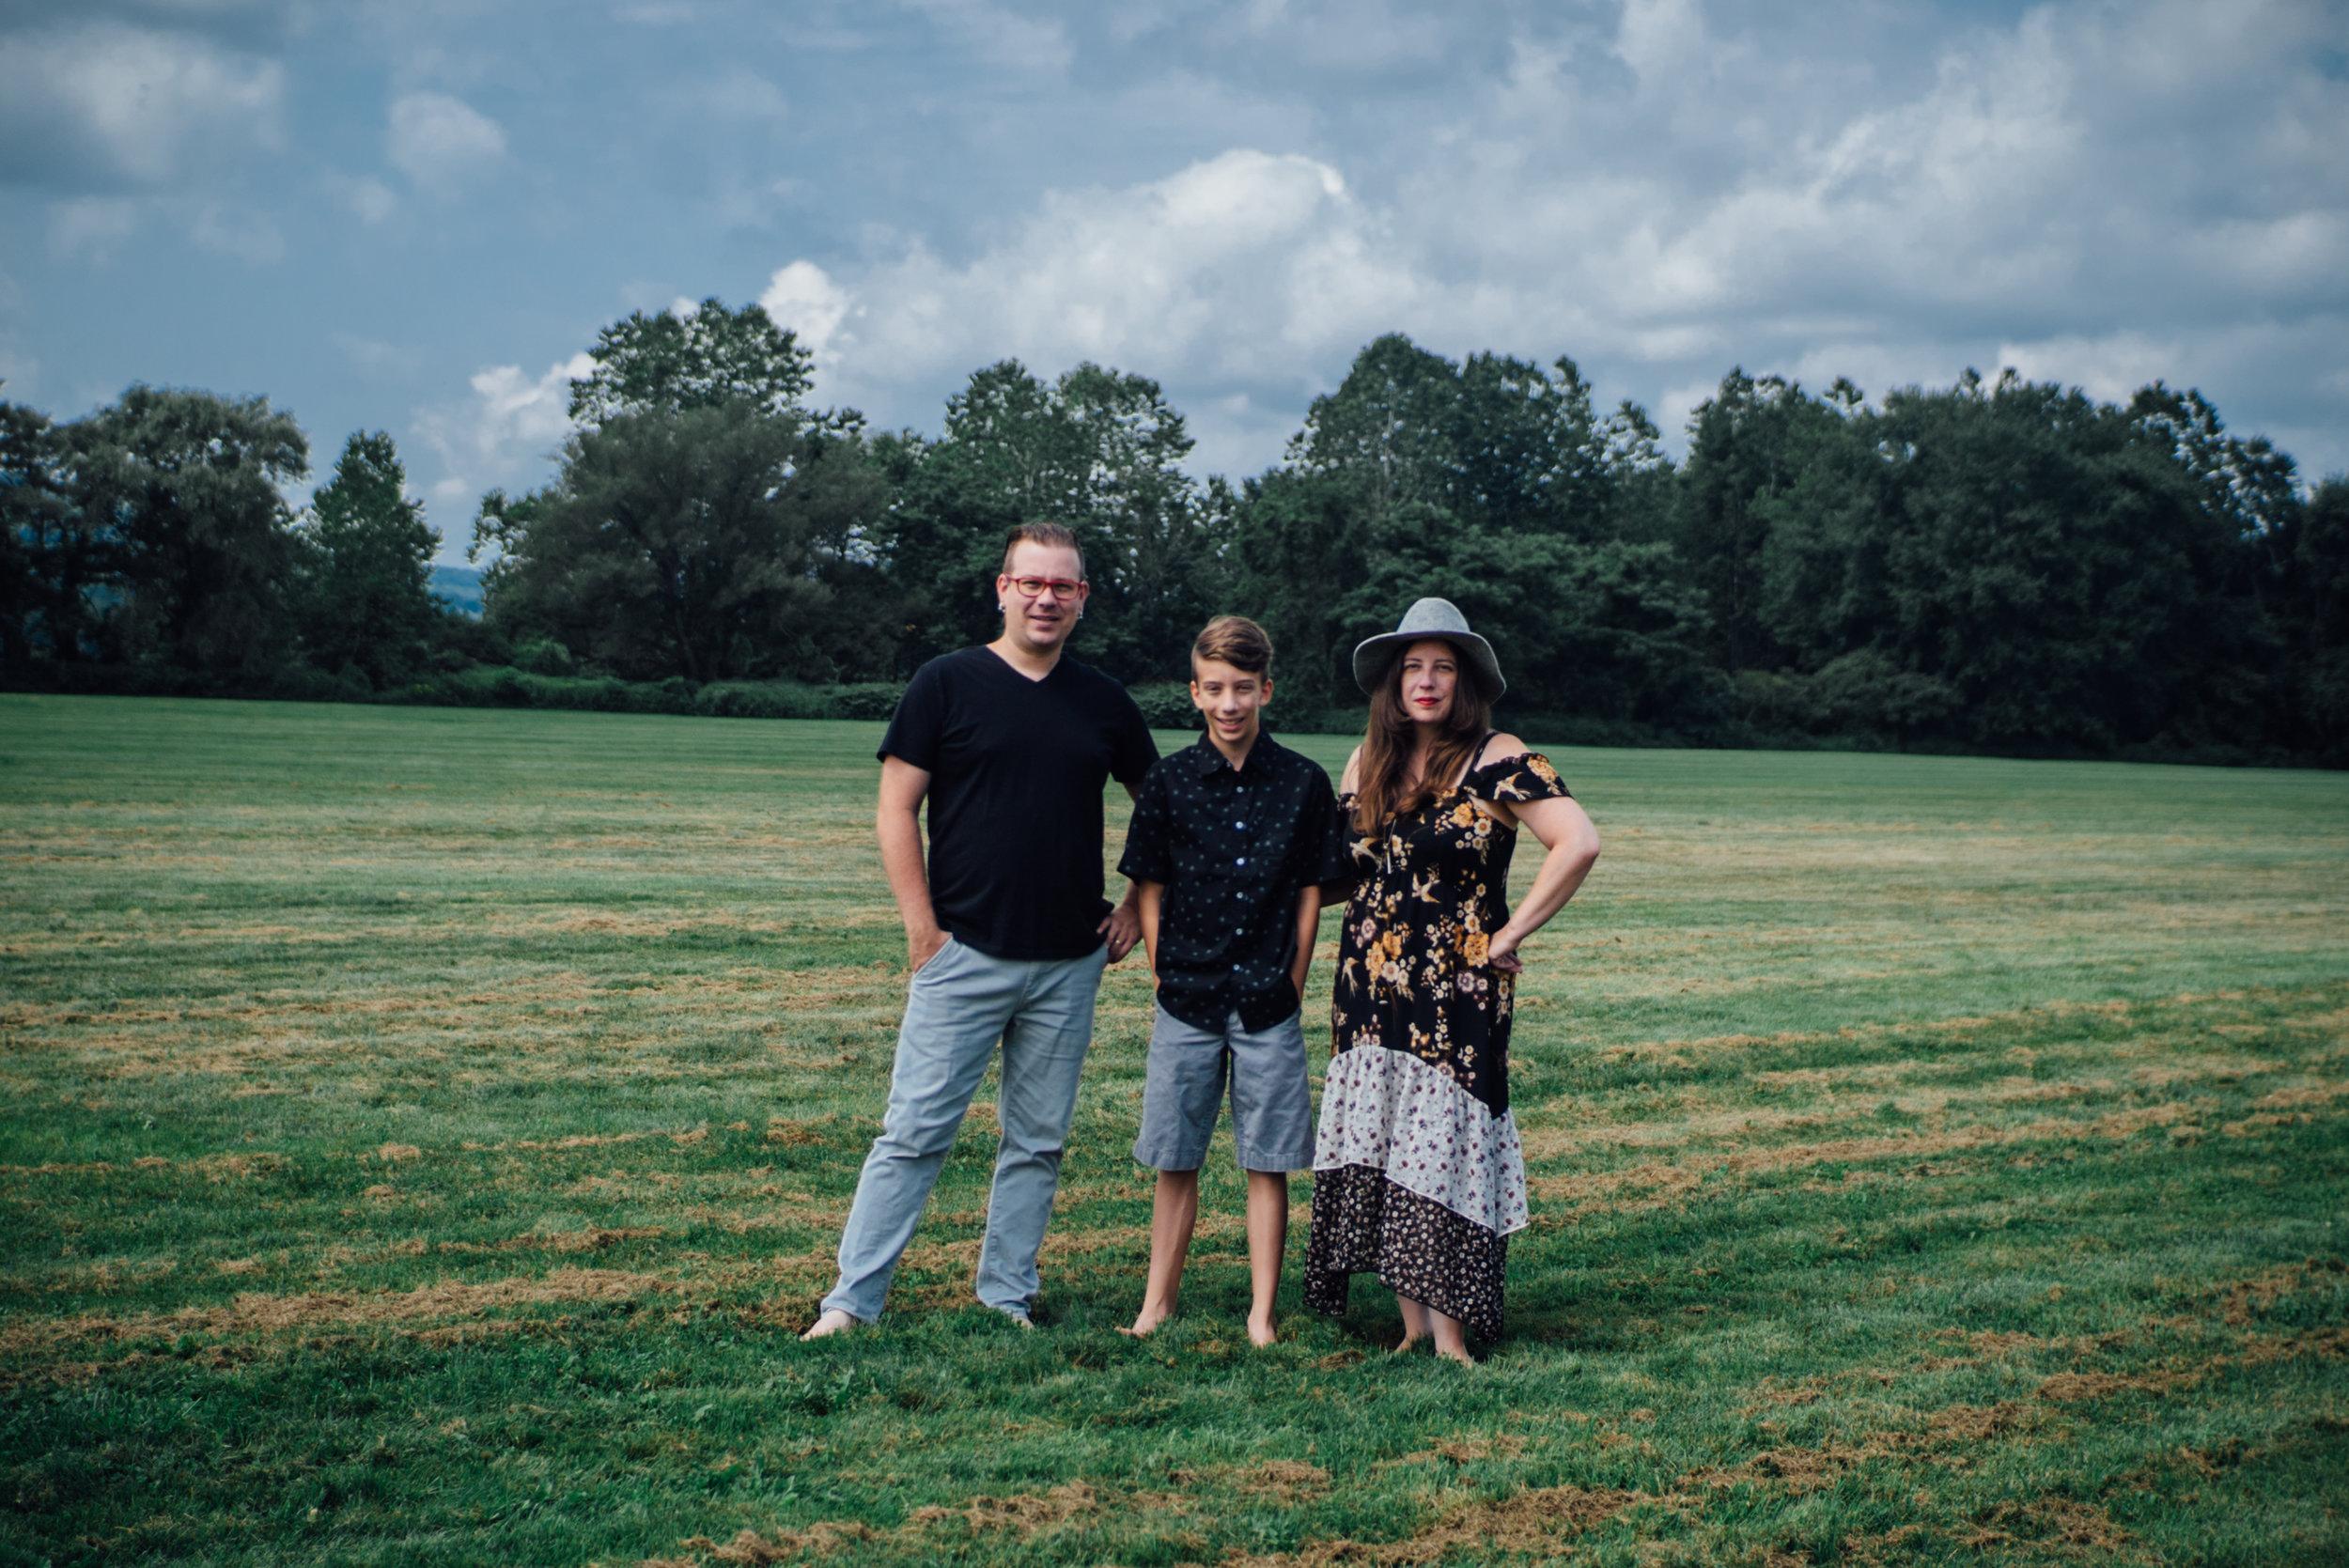 north carolina family couple wedding photography edgy unique